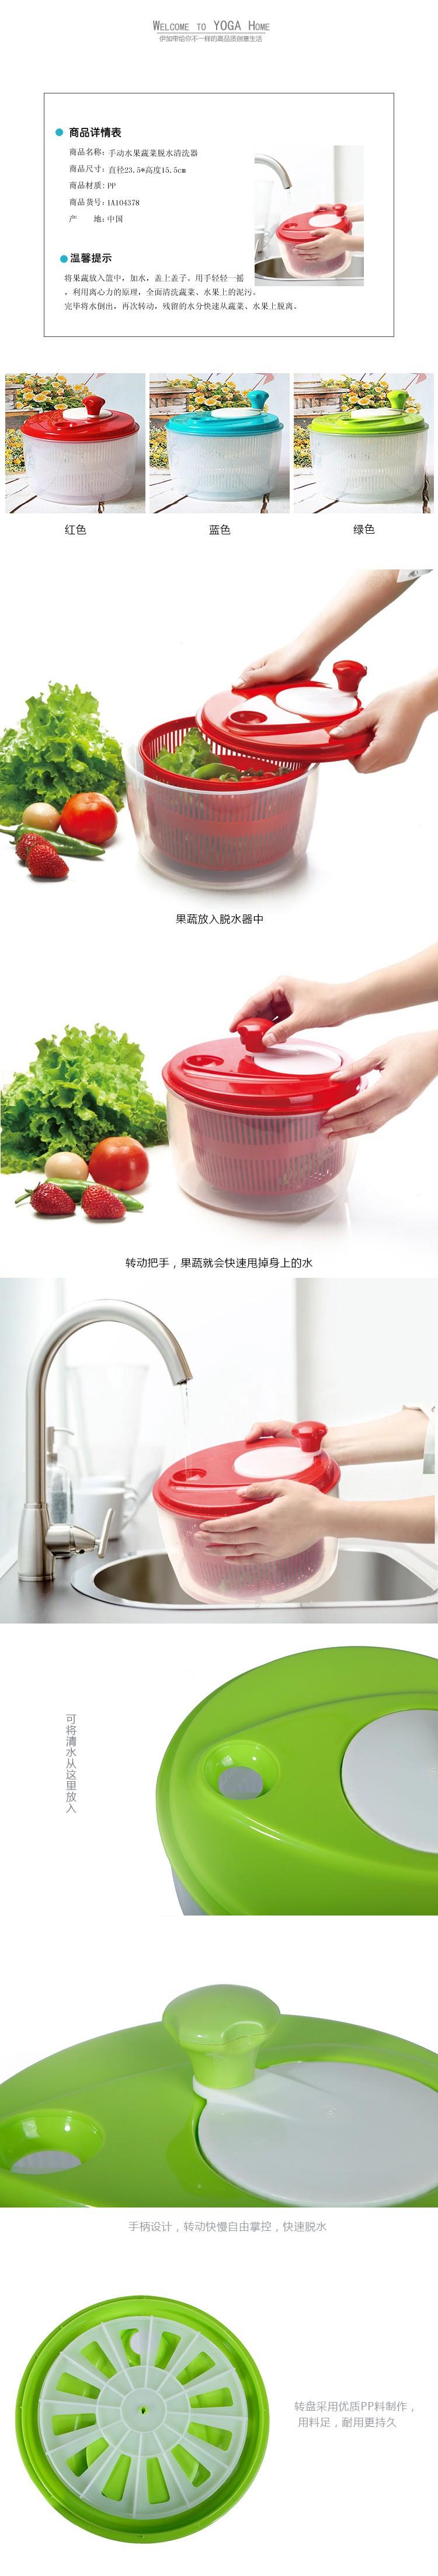 手动水果蔬菜脱水清洗器